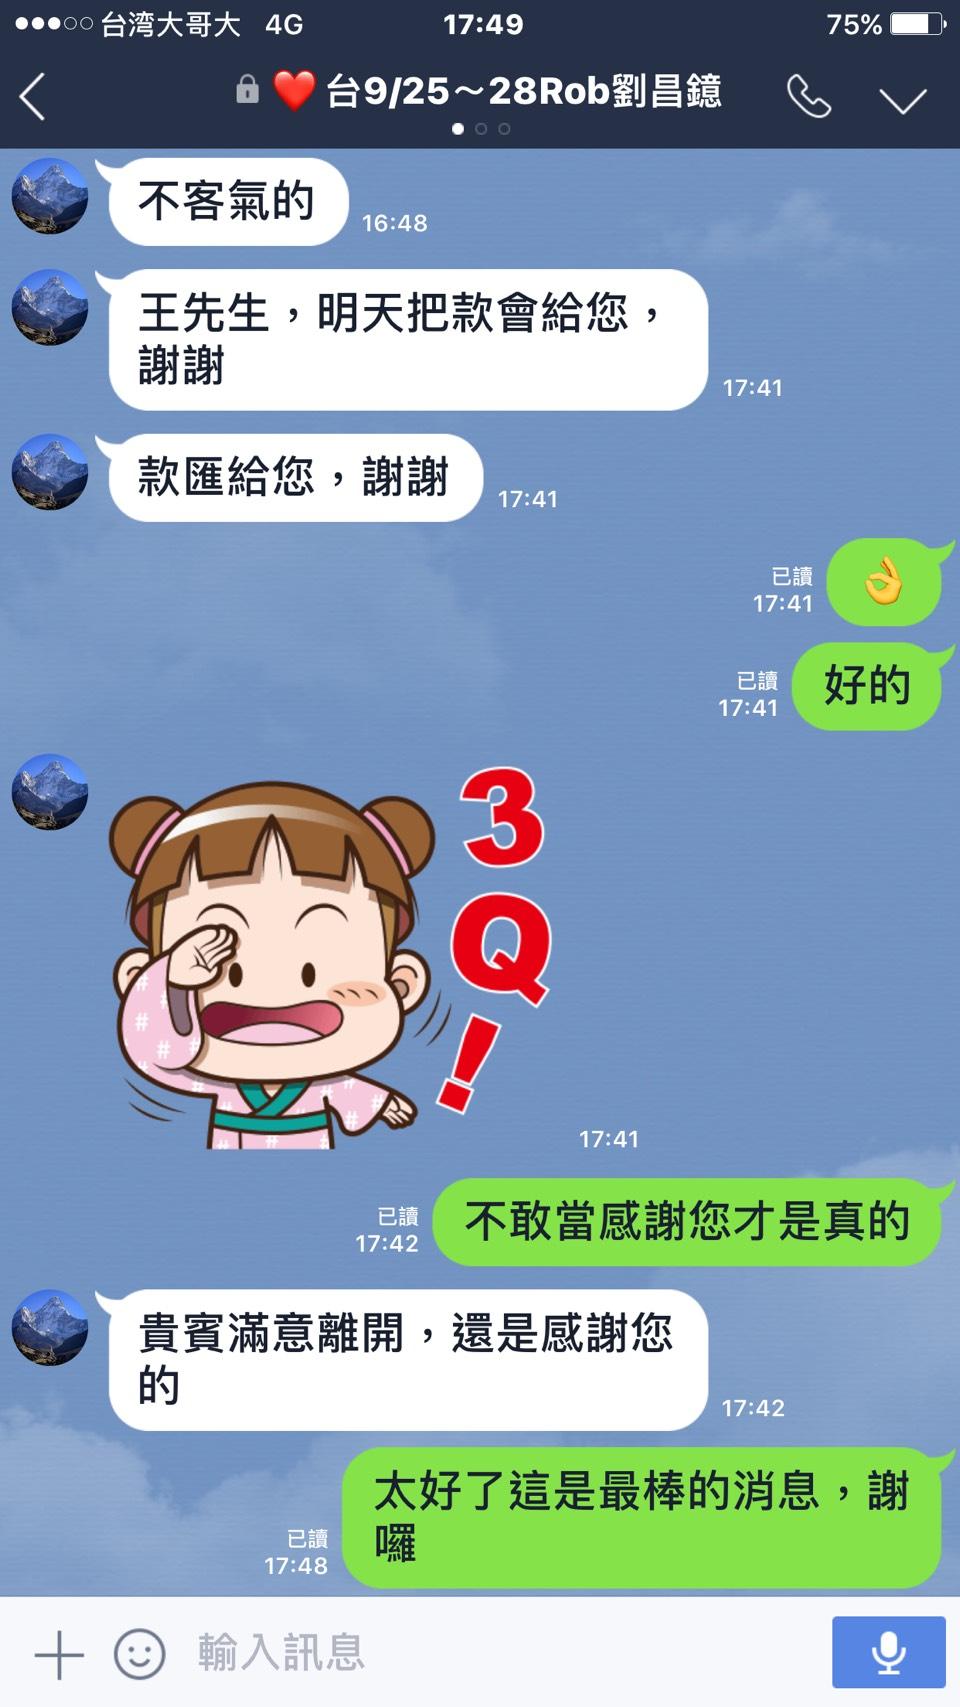 台灣自由行包車-評價_005.png